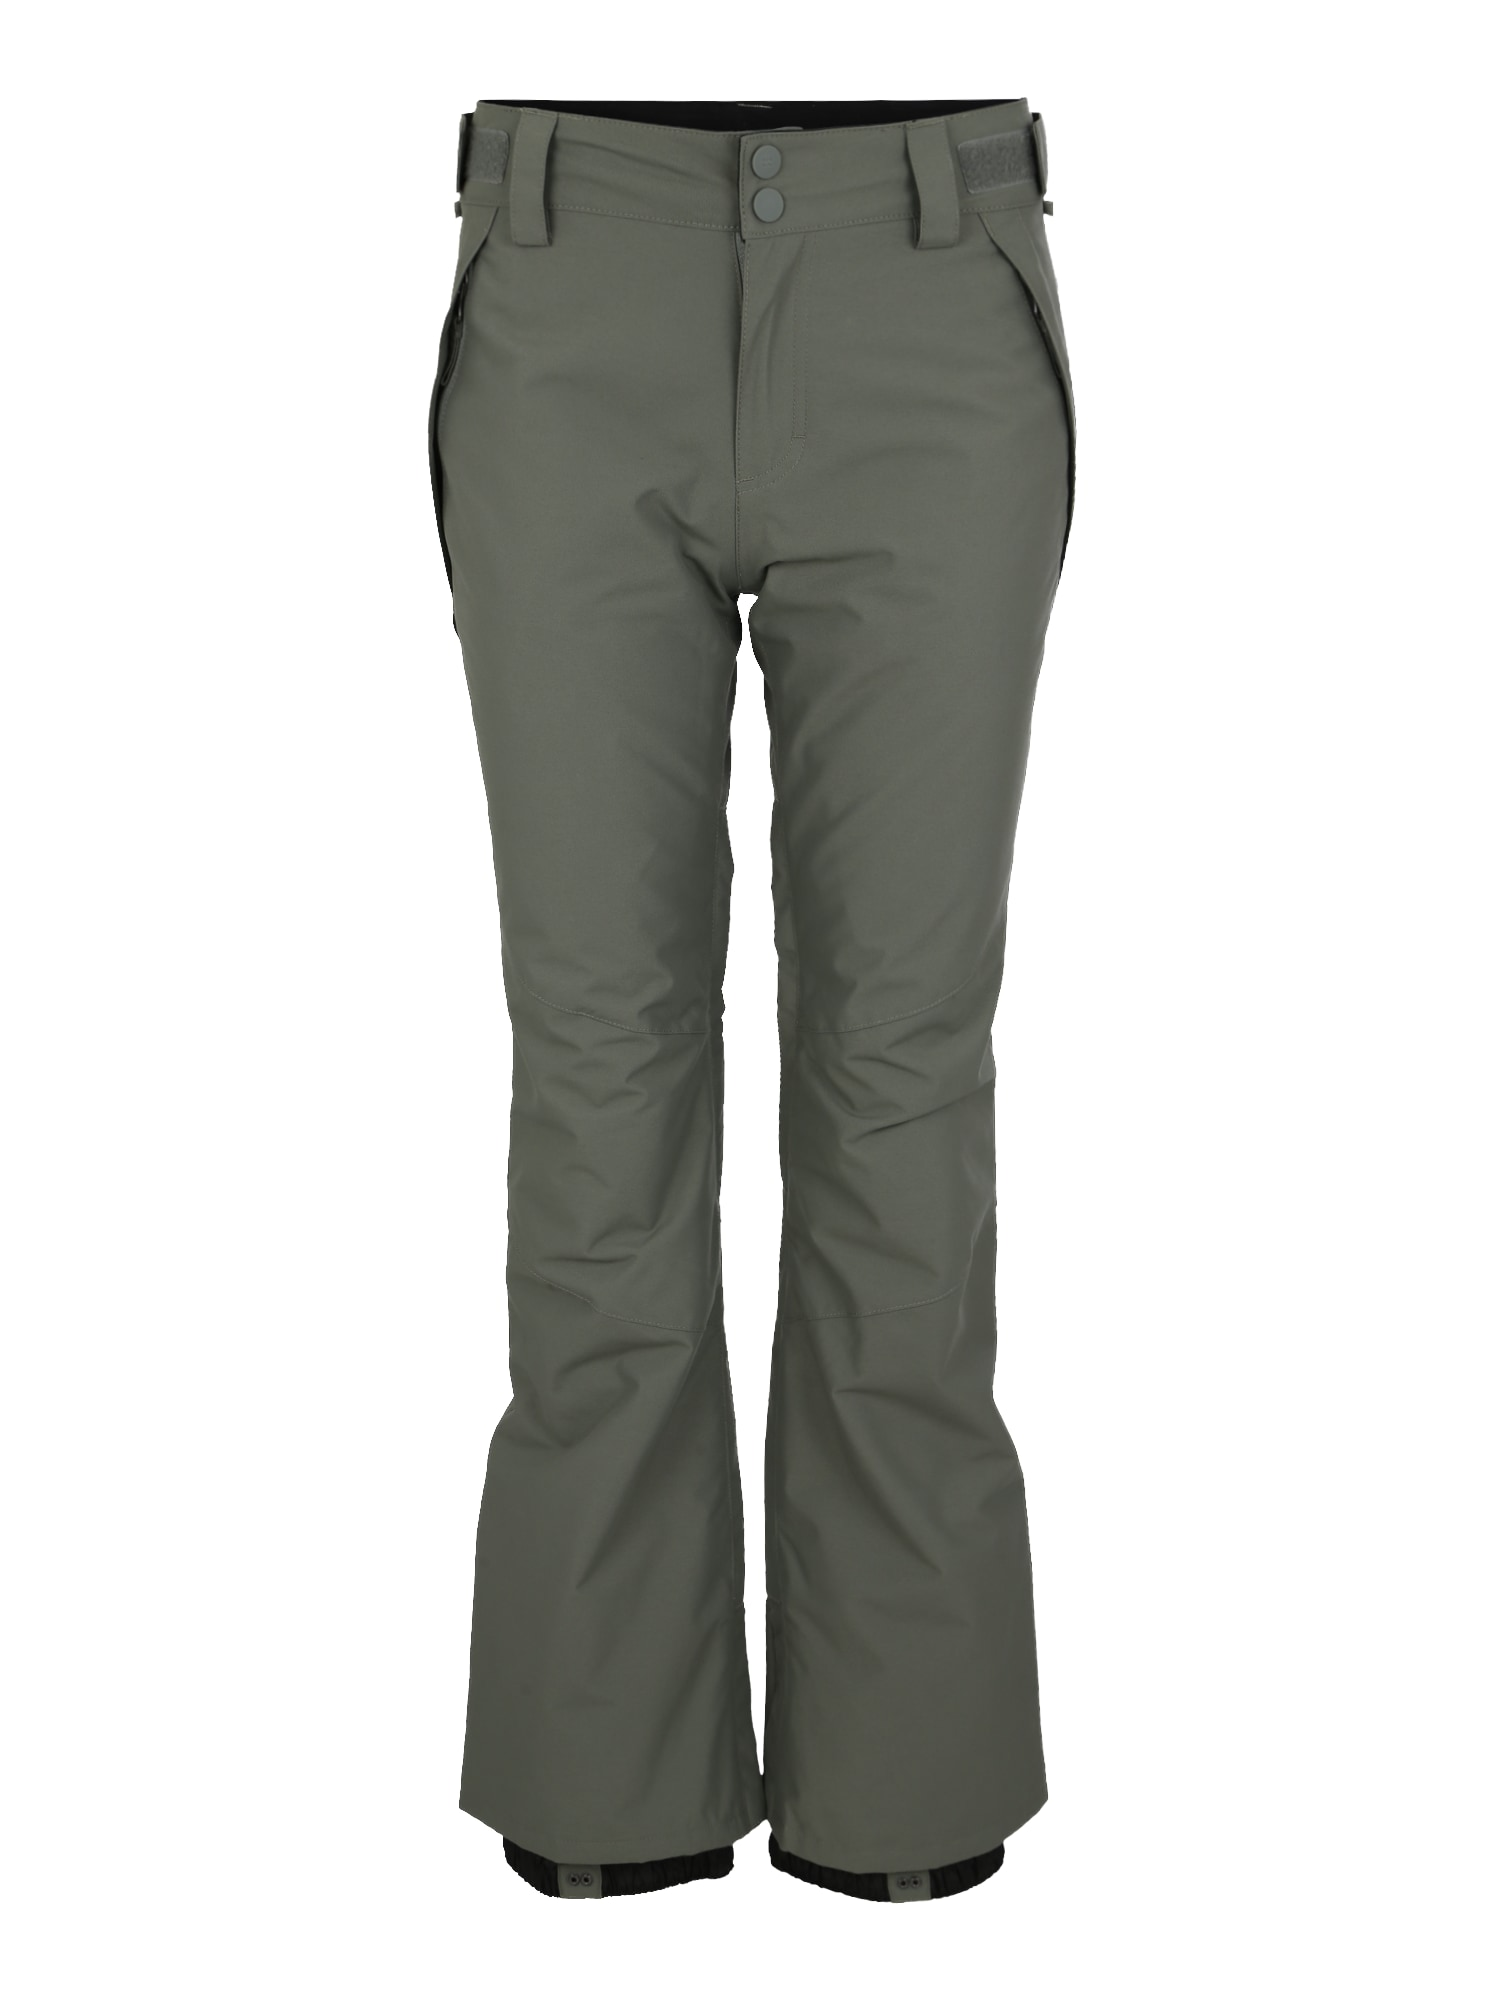 Sportovní kalhoty Malla zelená BILLABONG